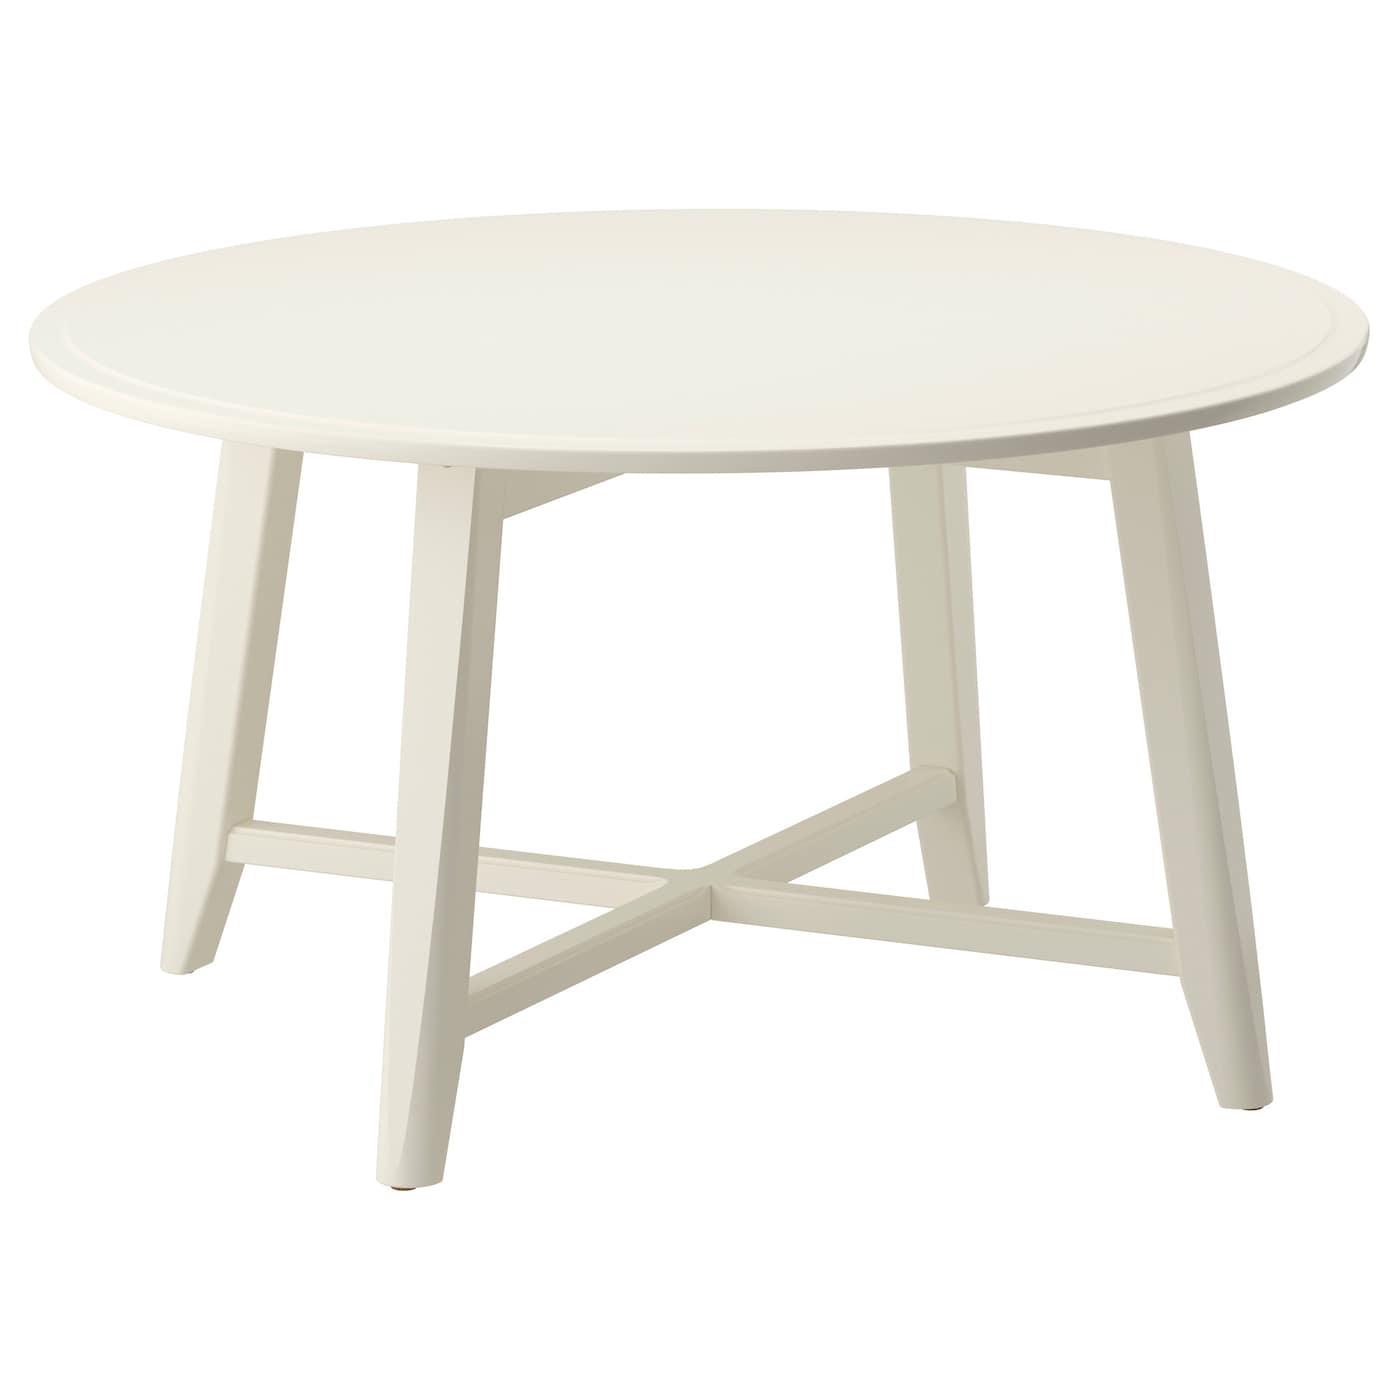 IKEA KRAGSTA biały, okrągły stolik, średnica 90 cm